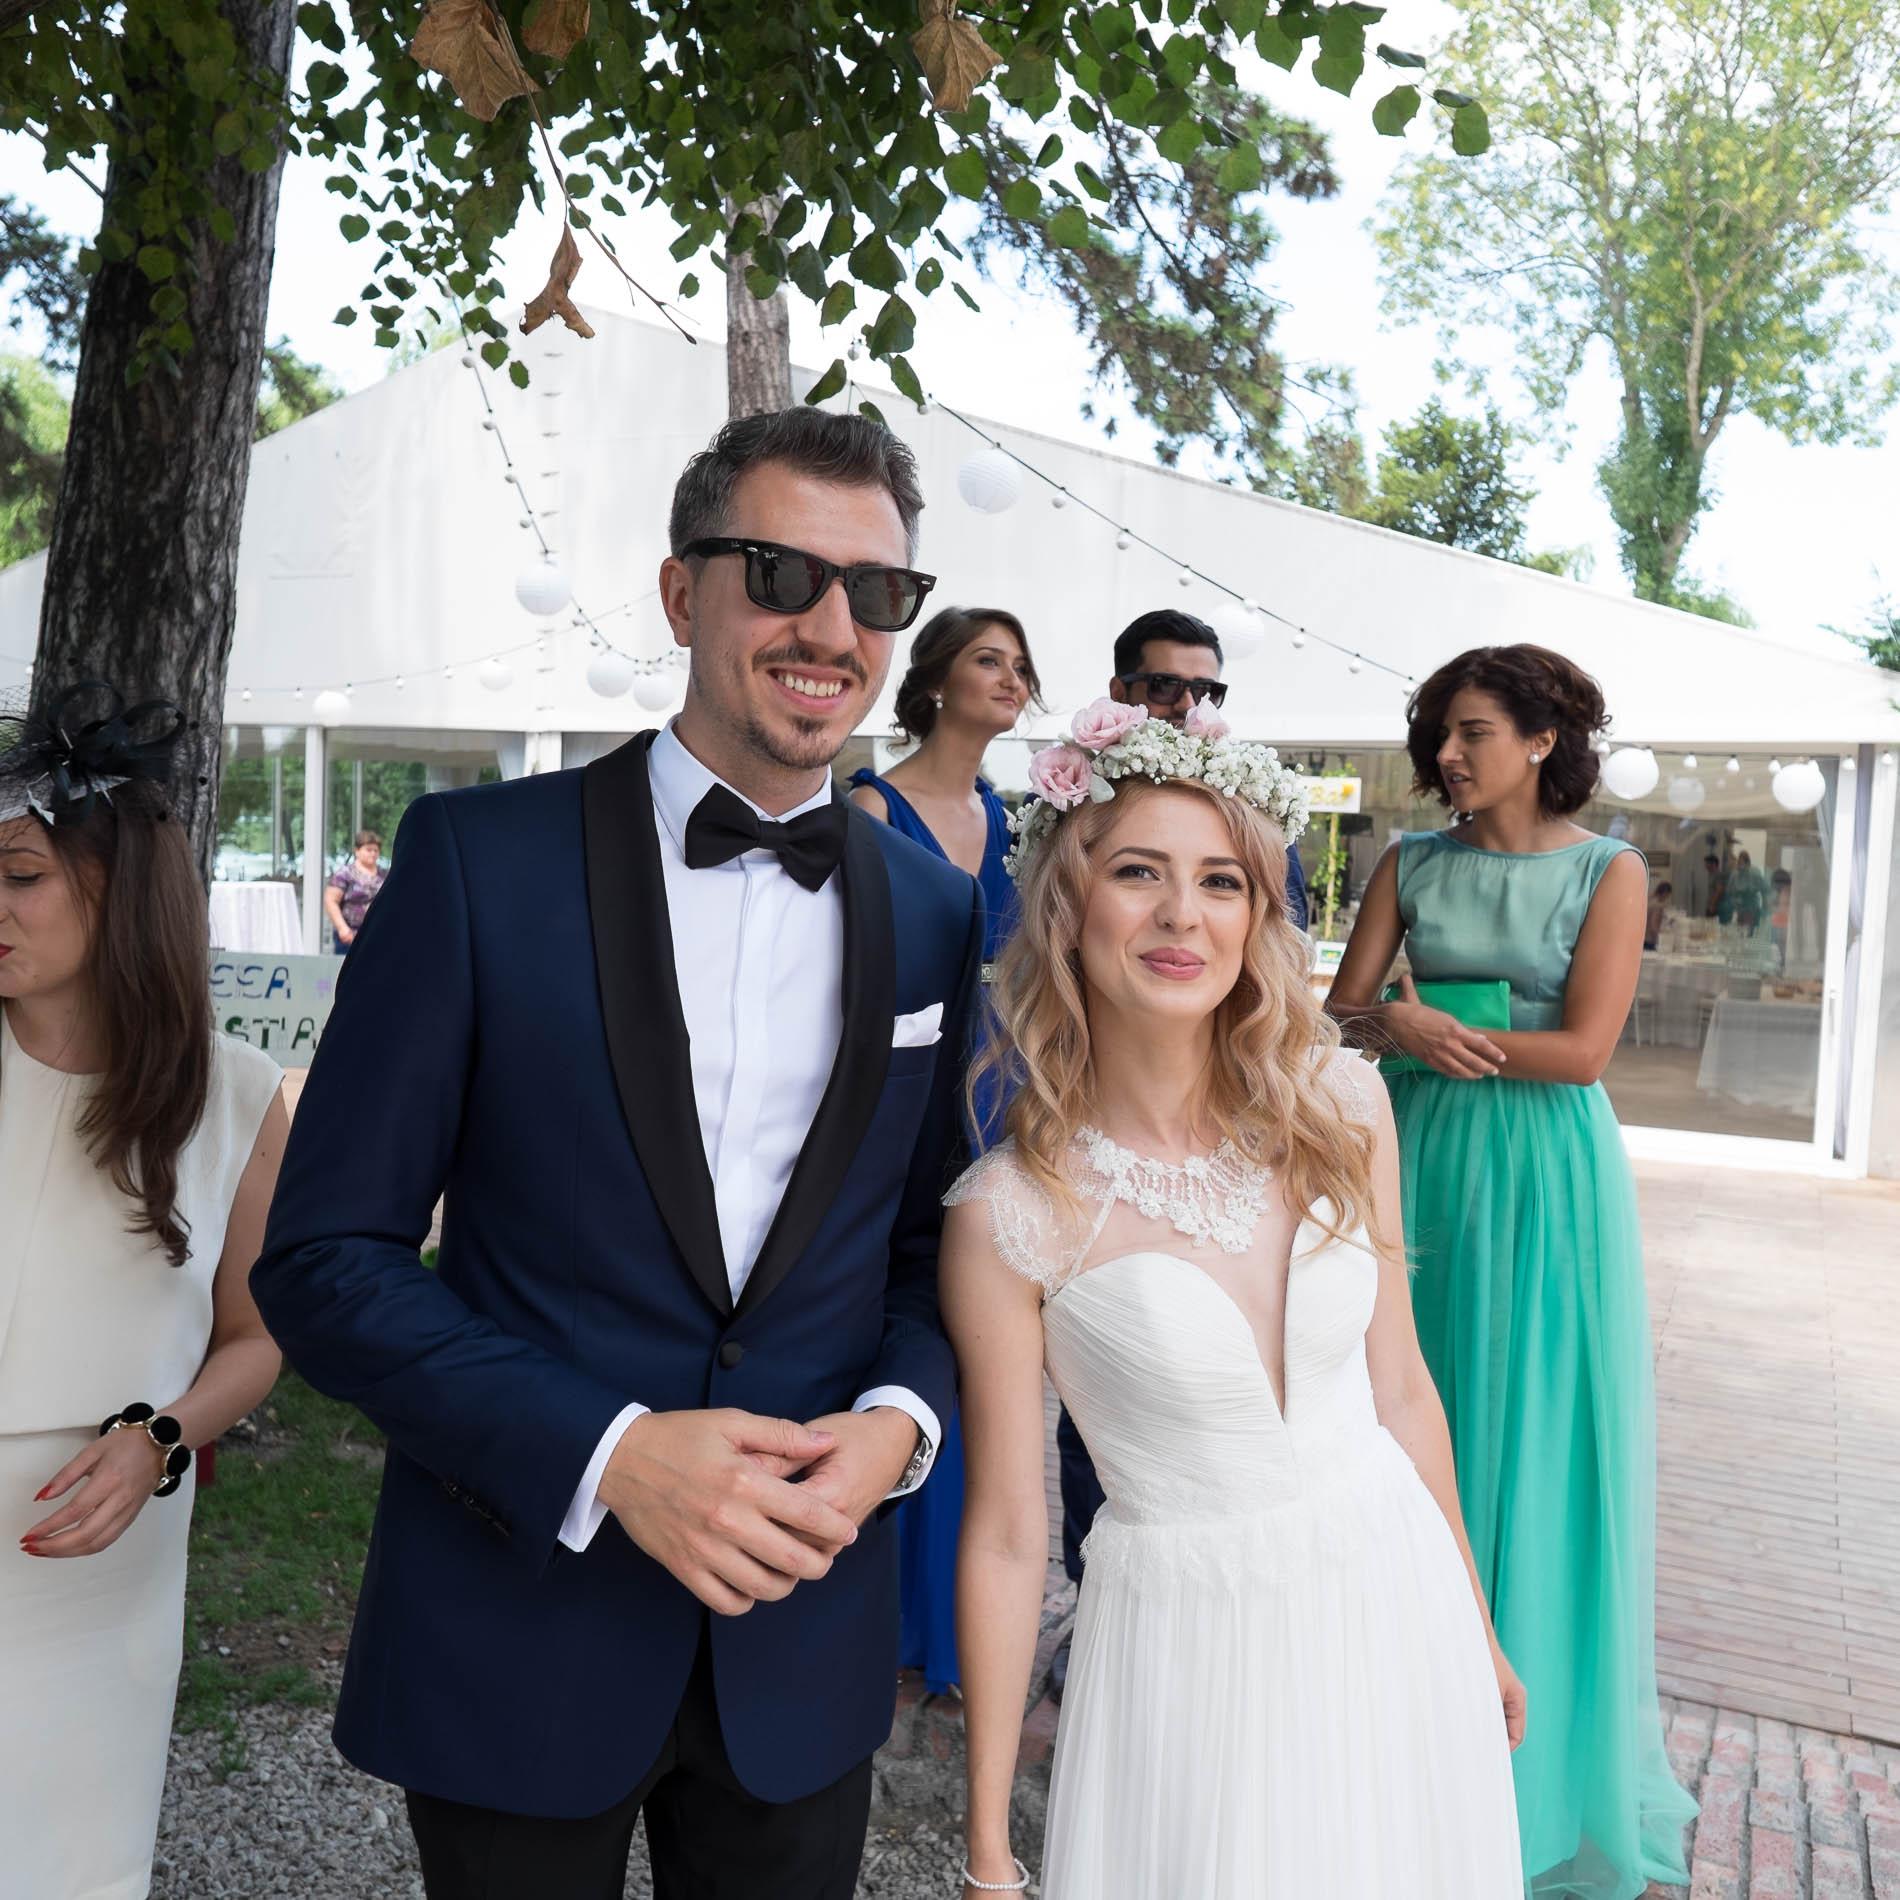 wedding-61.jpg